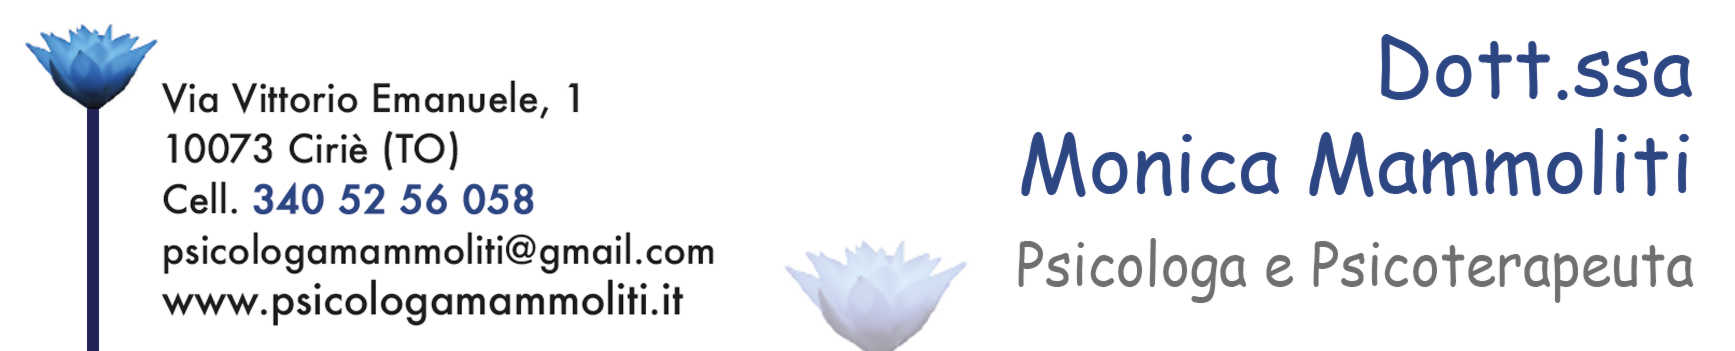 psicologa-mamoliti-banner-psicologa-rivista-promuovere